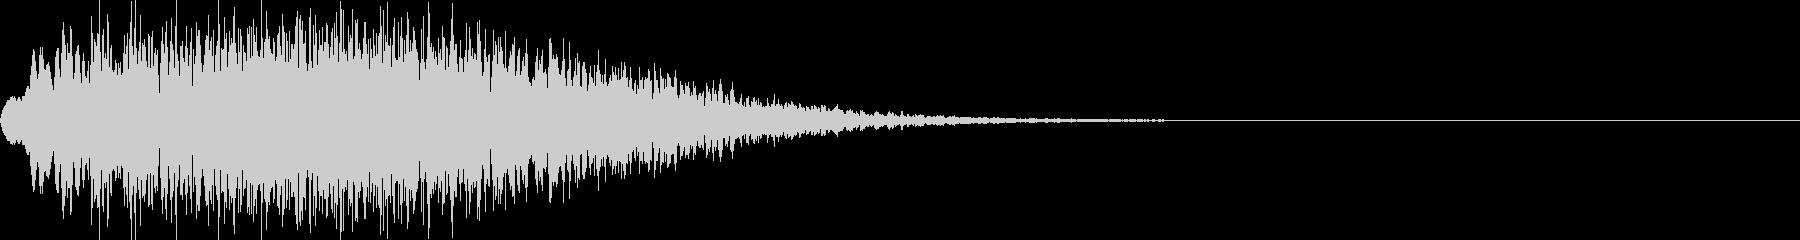 キラキラ05(下降)の未再生の波形